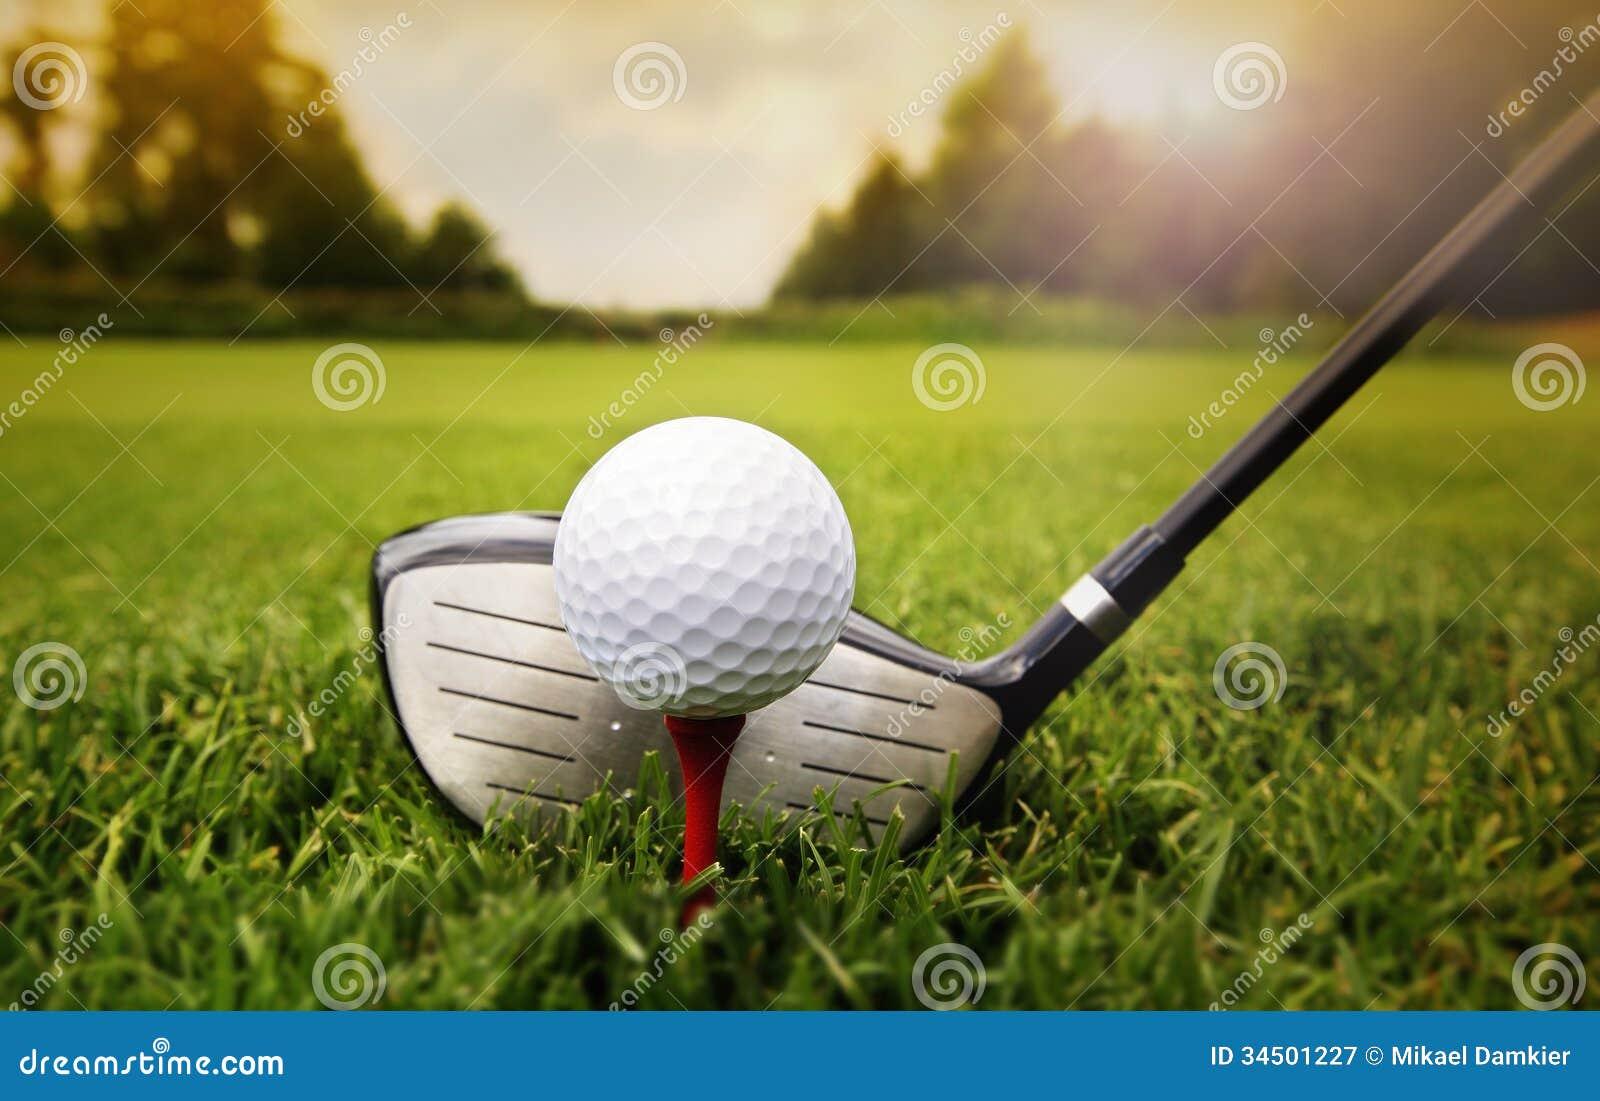 Golfklubb och boll i gräs